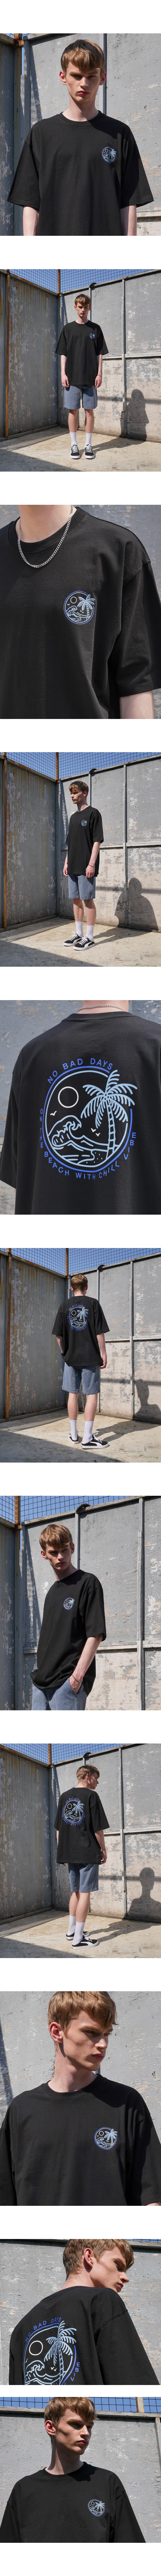 6182_model_black_uk_02.jpg